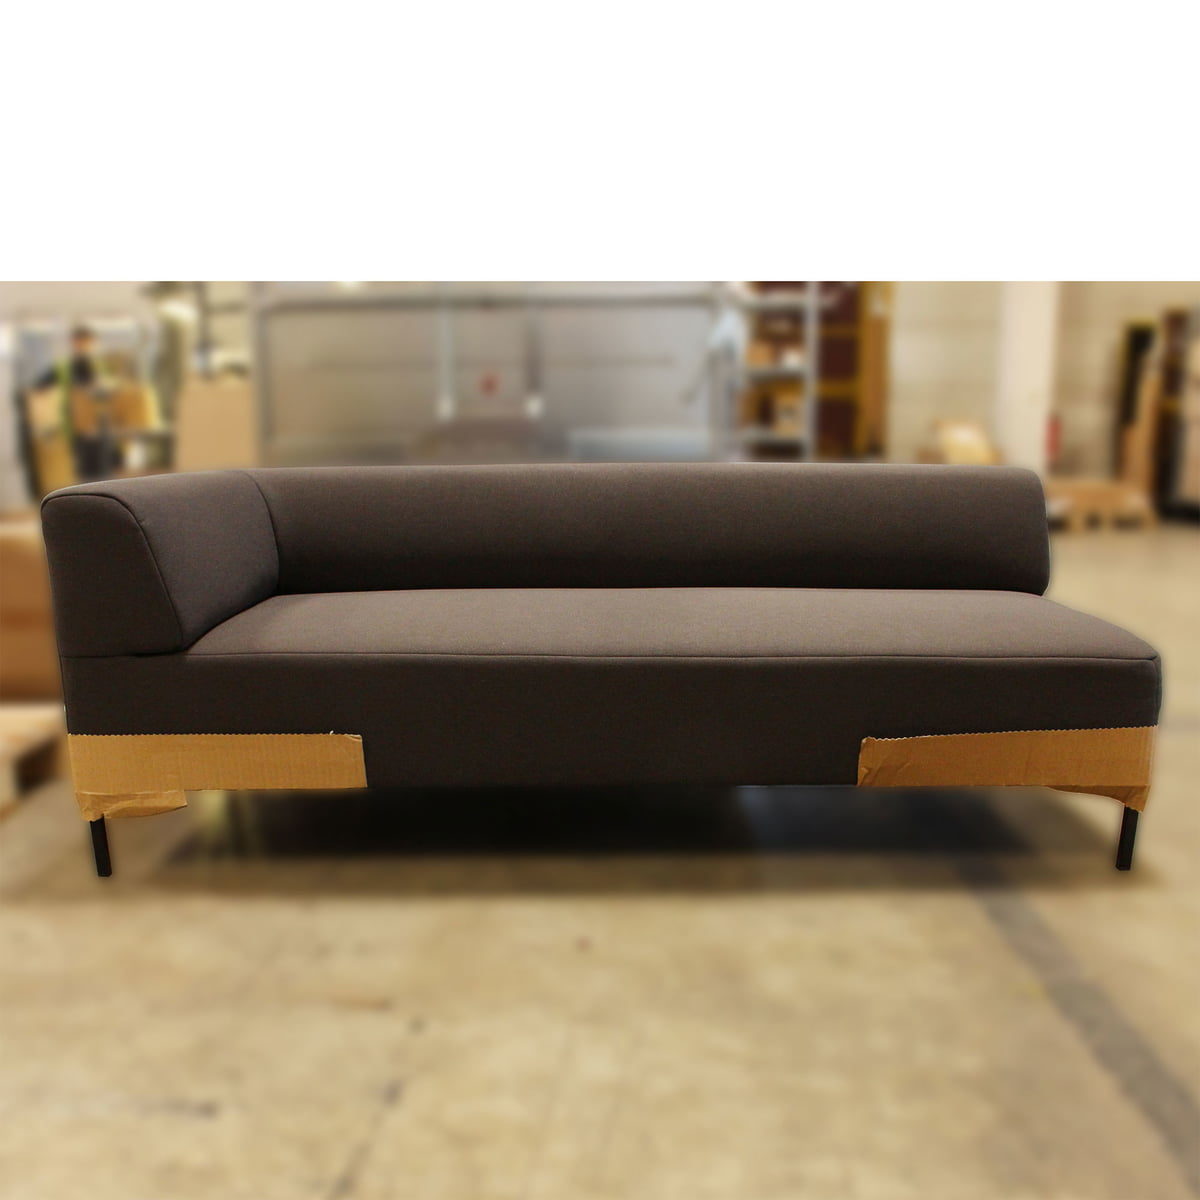 Design Sale - Freistil - 185 Sofa, Winkelfuß schwarz / Bezug anthrazit (3009) - 160 cm